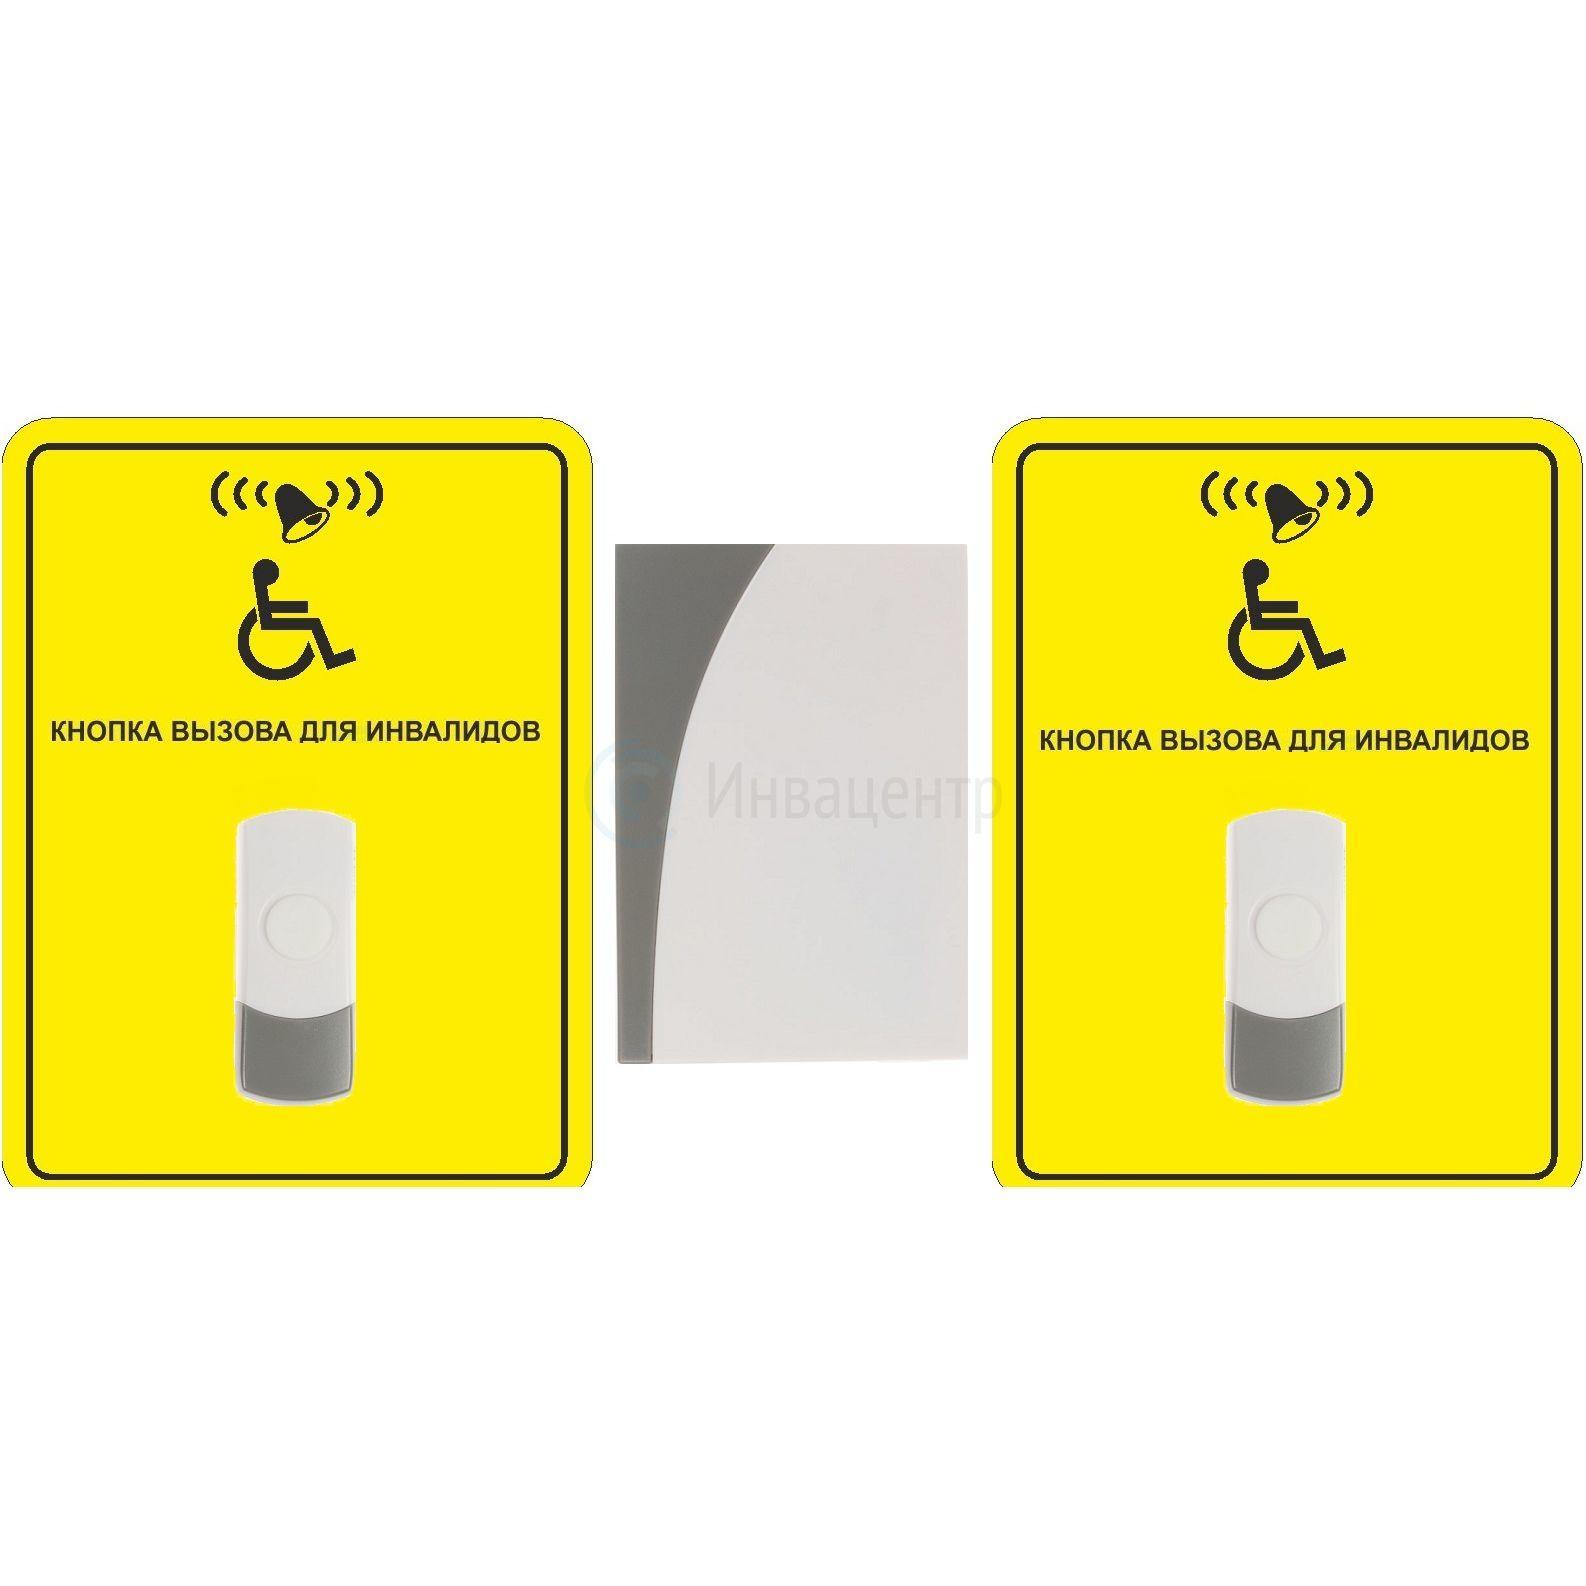 Комплект вызова Доступная среда №10 с двумя кнопками